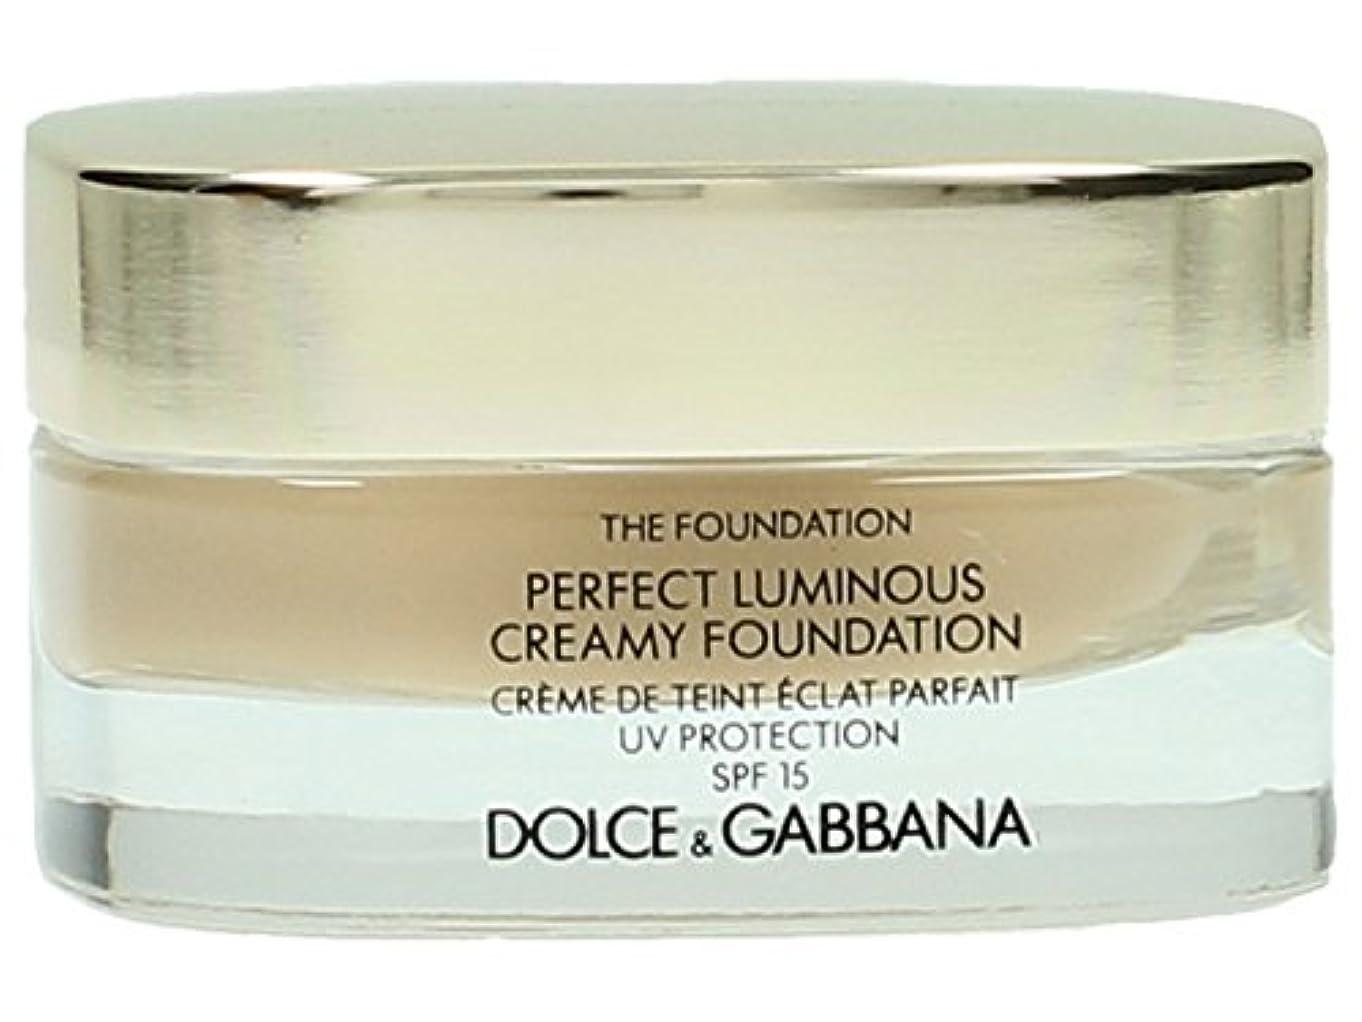 端末食料品店元気Dolce & Gabbana The Foundation Perfect Finish Creamy Foundation SPF 15 - # 120 Natural Beige 30ml